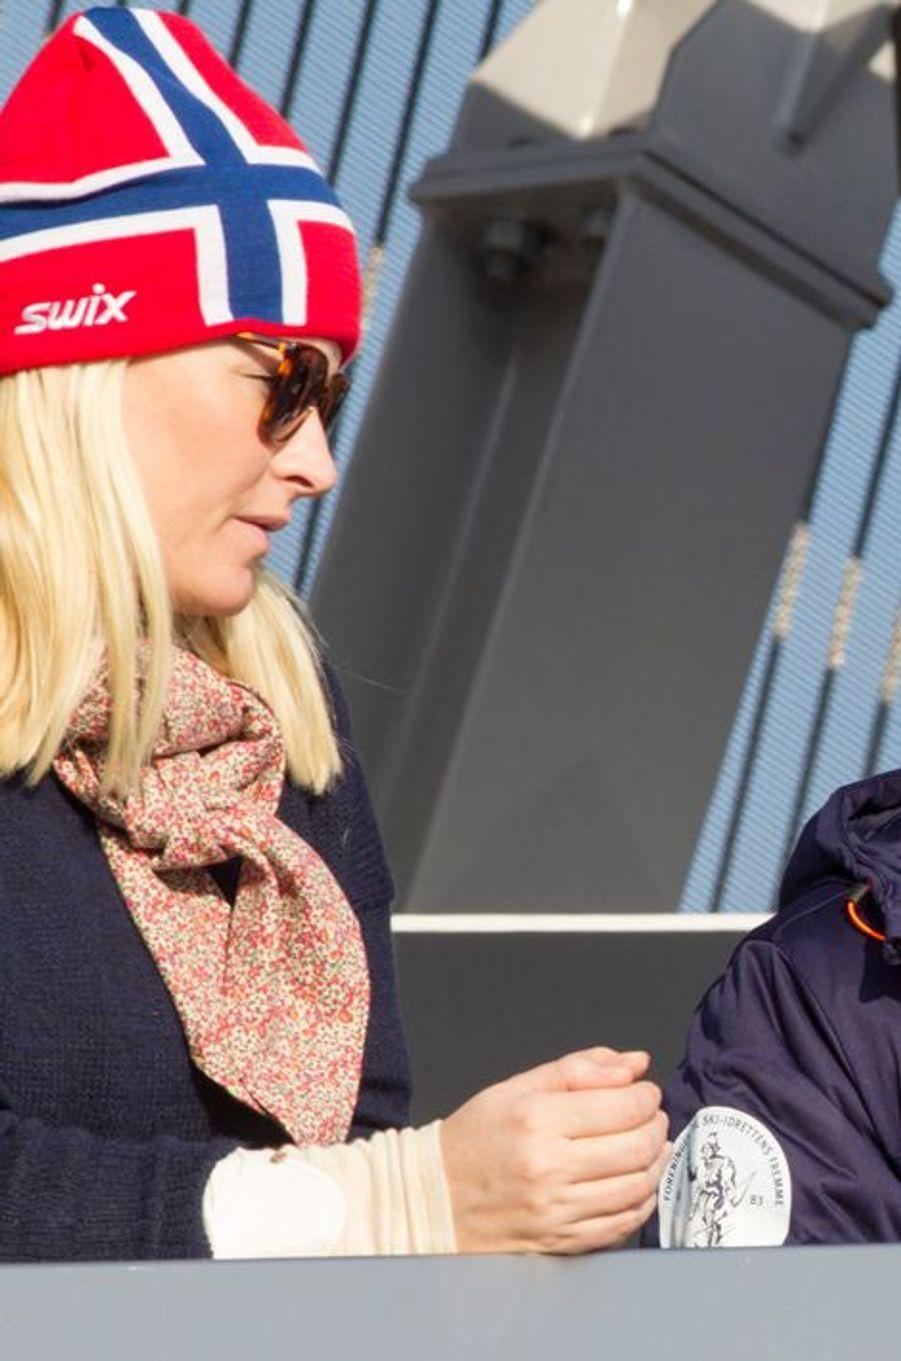 La princesse Mette-Marit de Norvège à Oslo, le 15 mars 2015